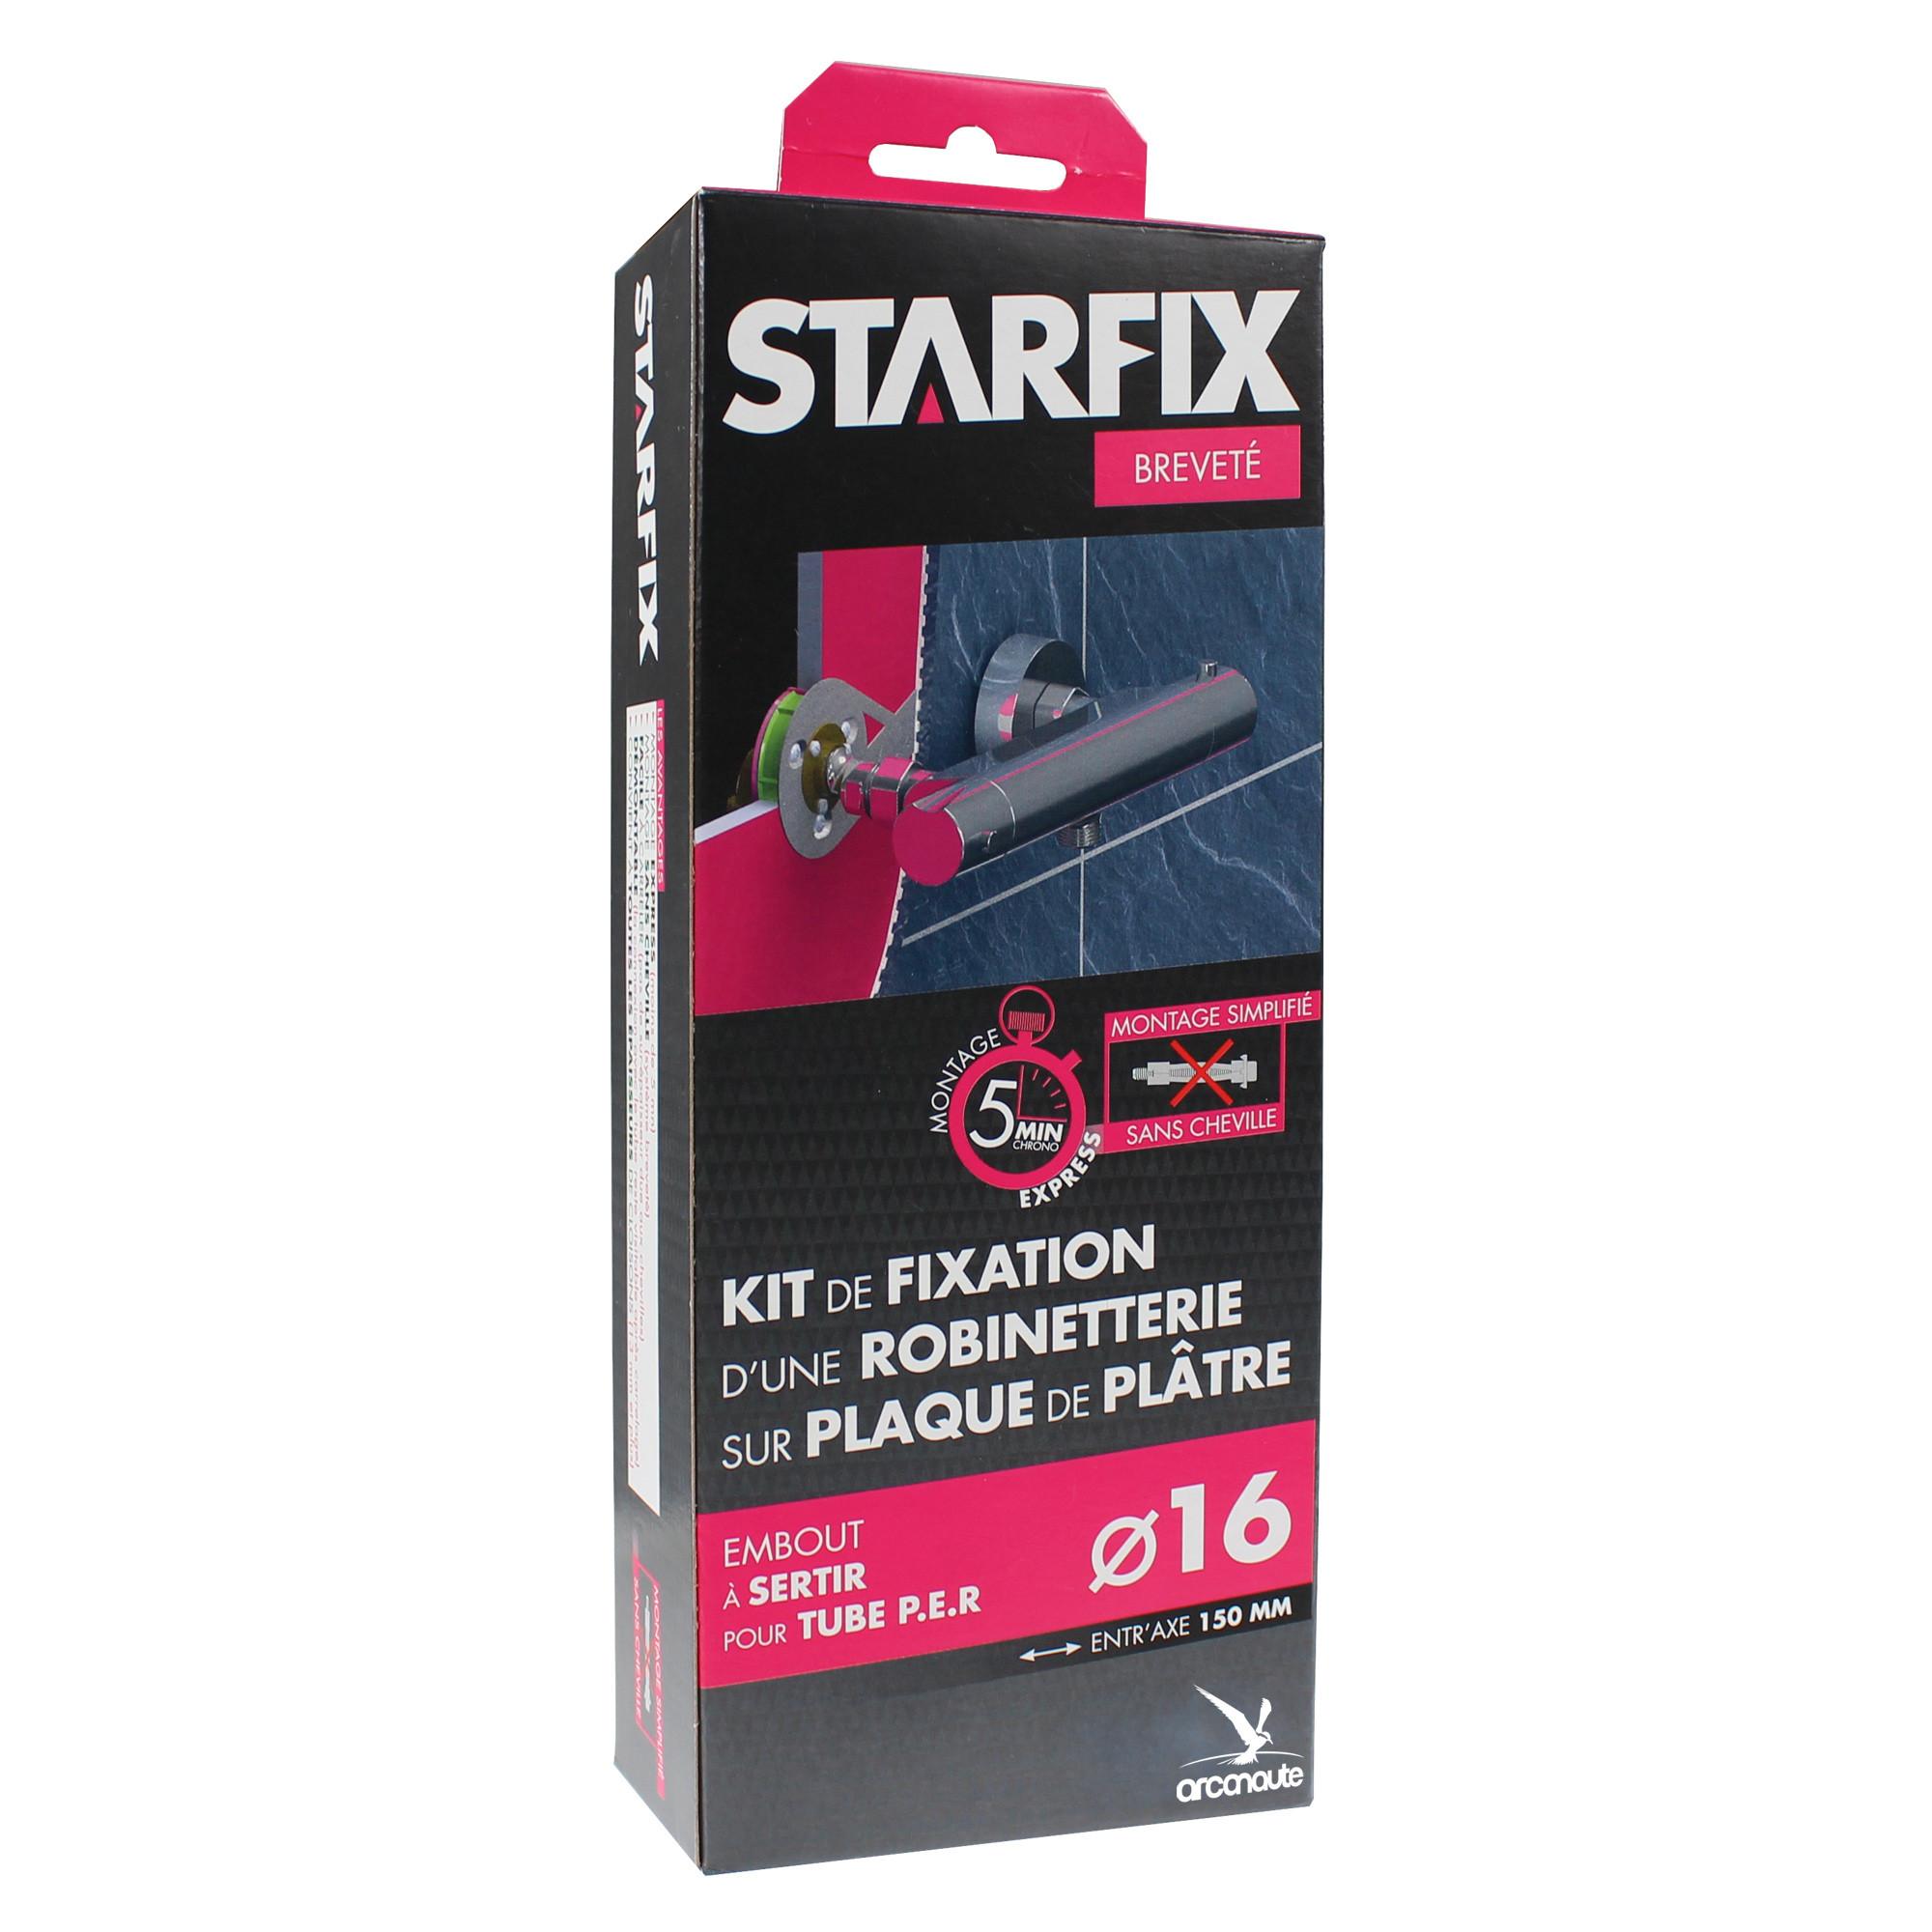 Kit de fixation starfix pour robinetterie sur plaque de pl tre - Kit de douche sans robinetterie ...